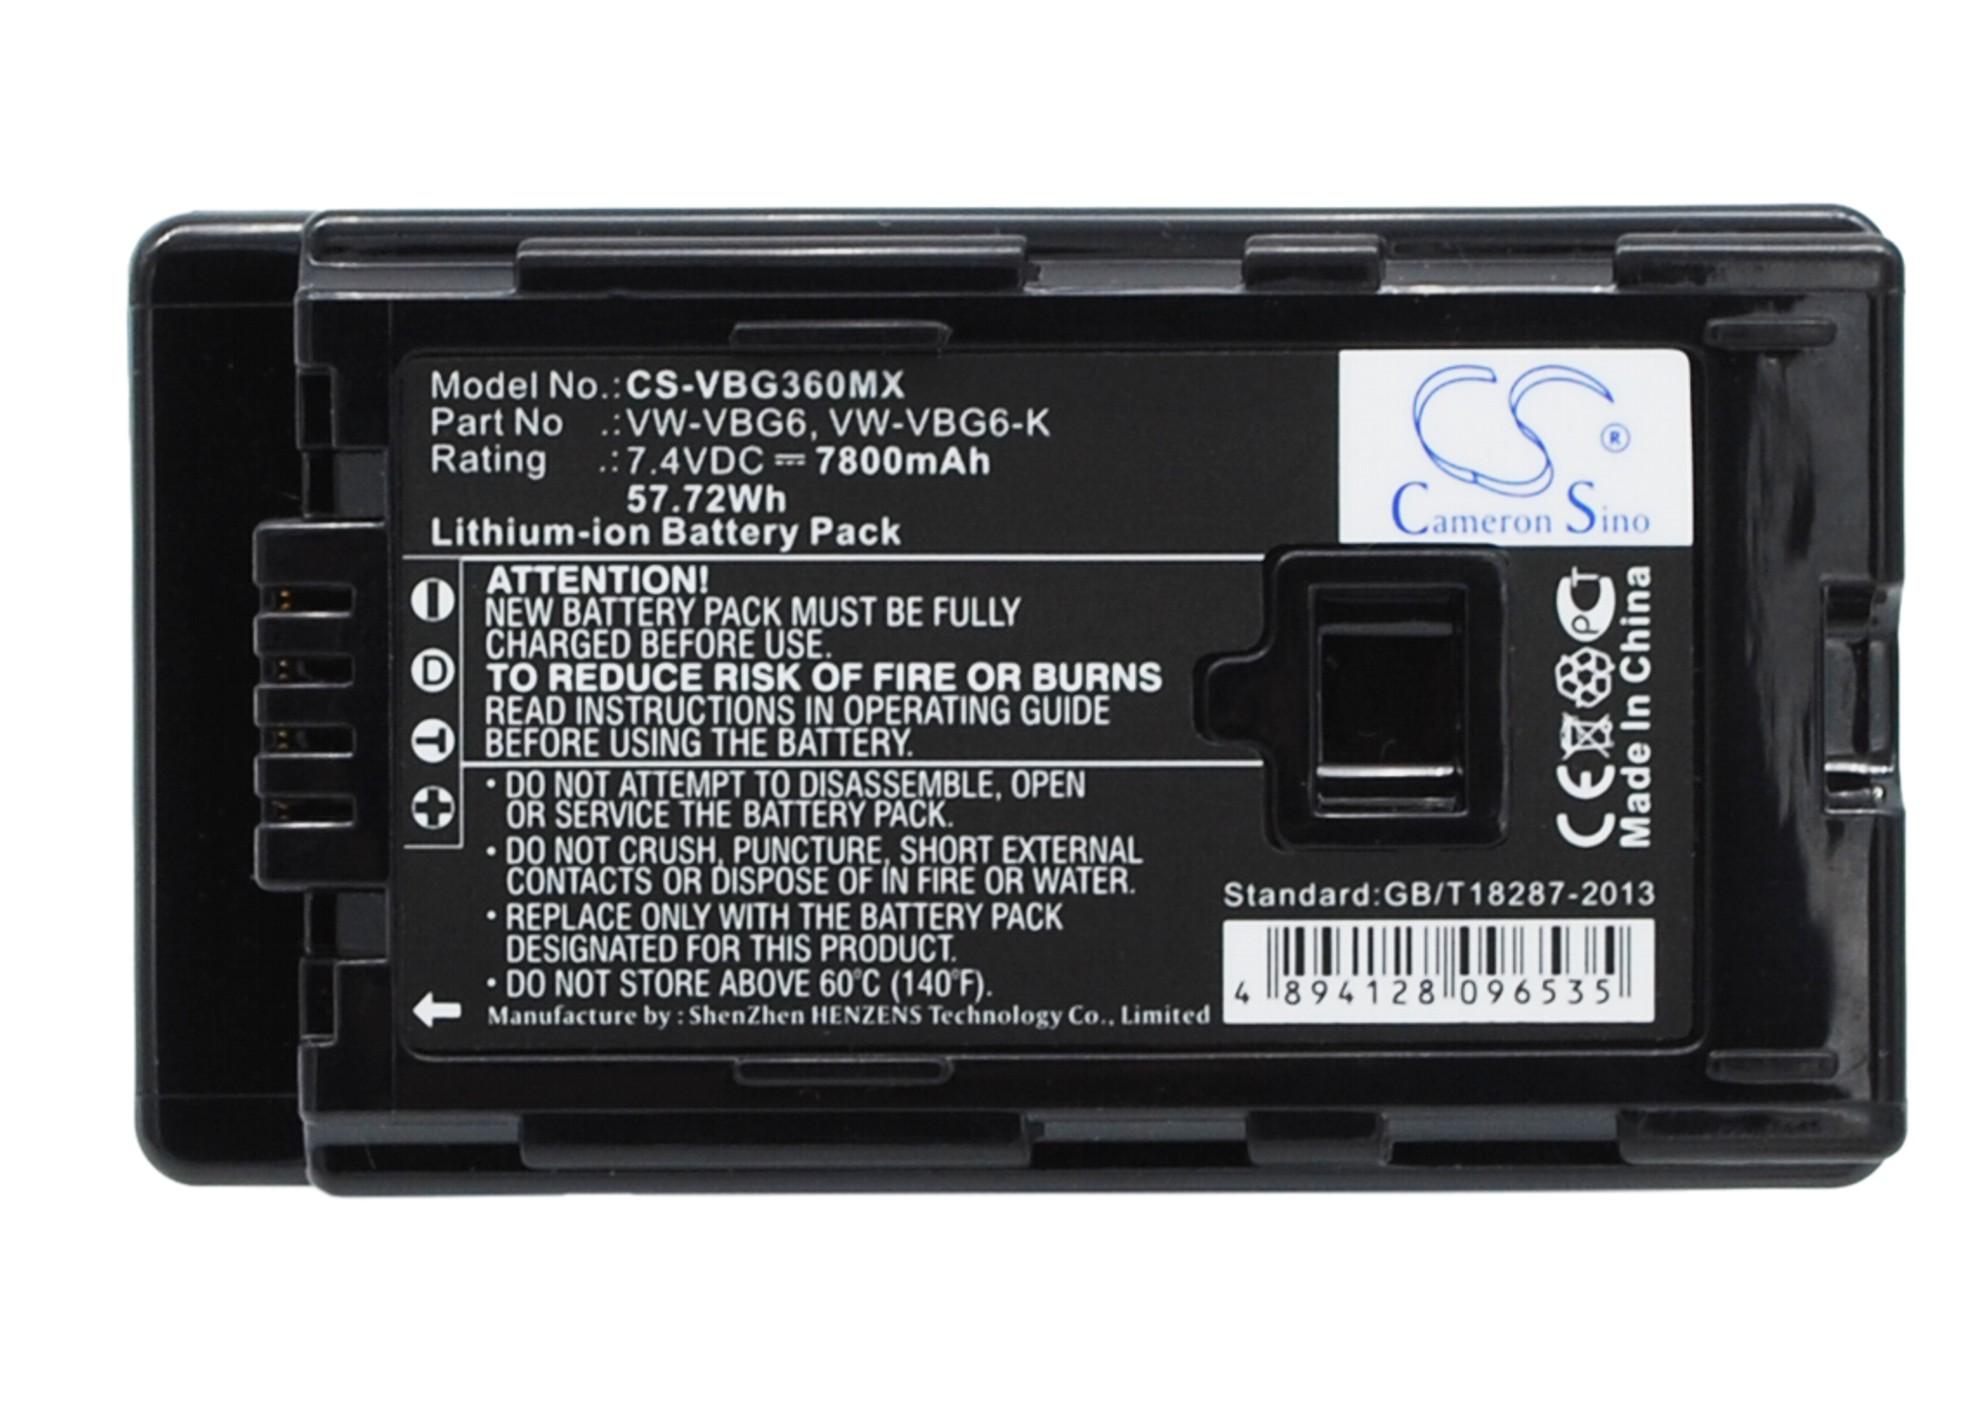 Cameron Sino baterie do kamer a fotoaparátů pro PANASONIC HDC-SD5EG-S 7.4V Li-ion 7800mAh černá - neoriginální